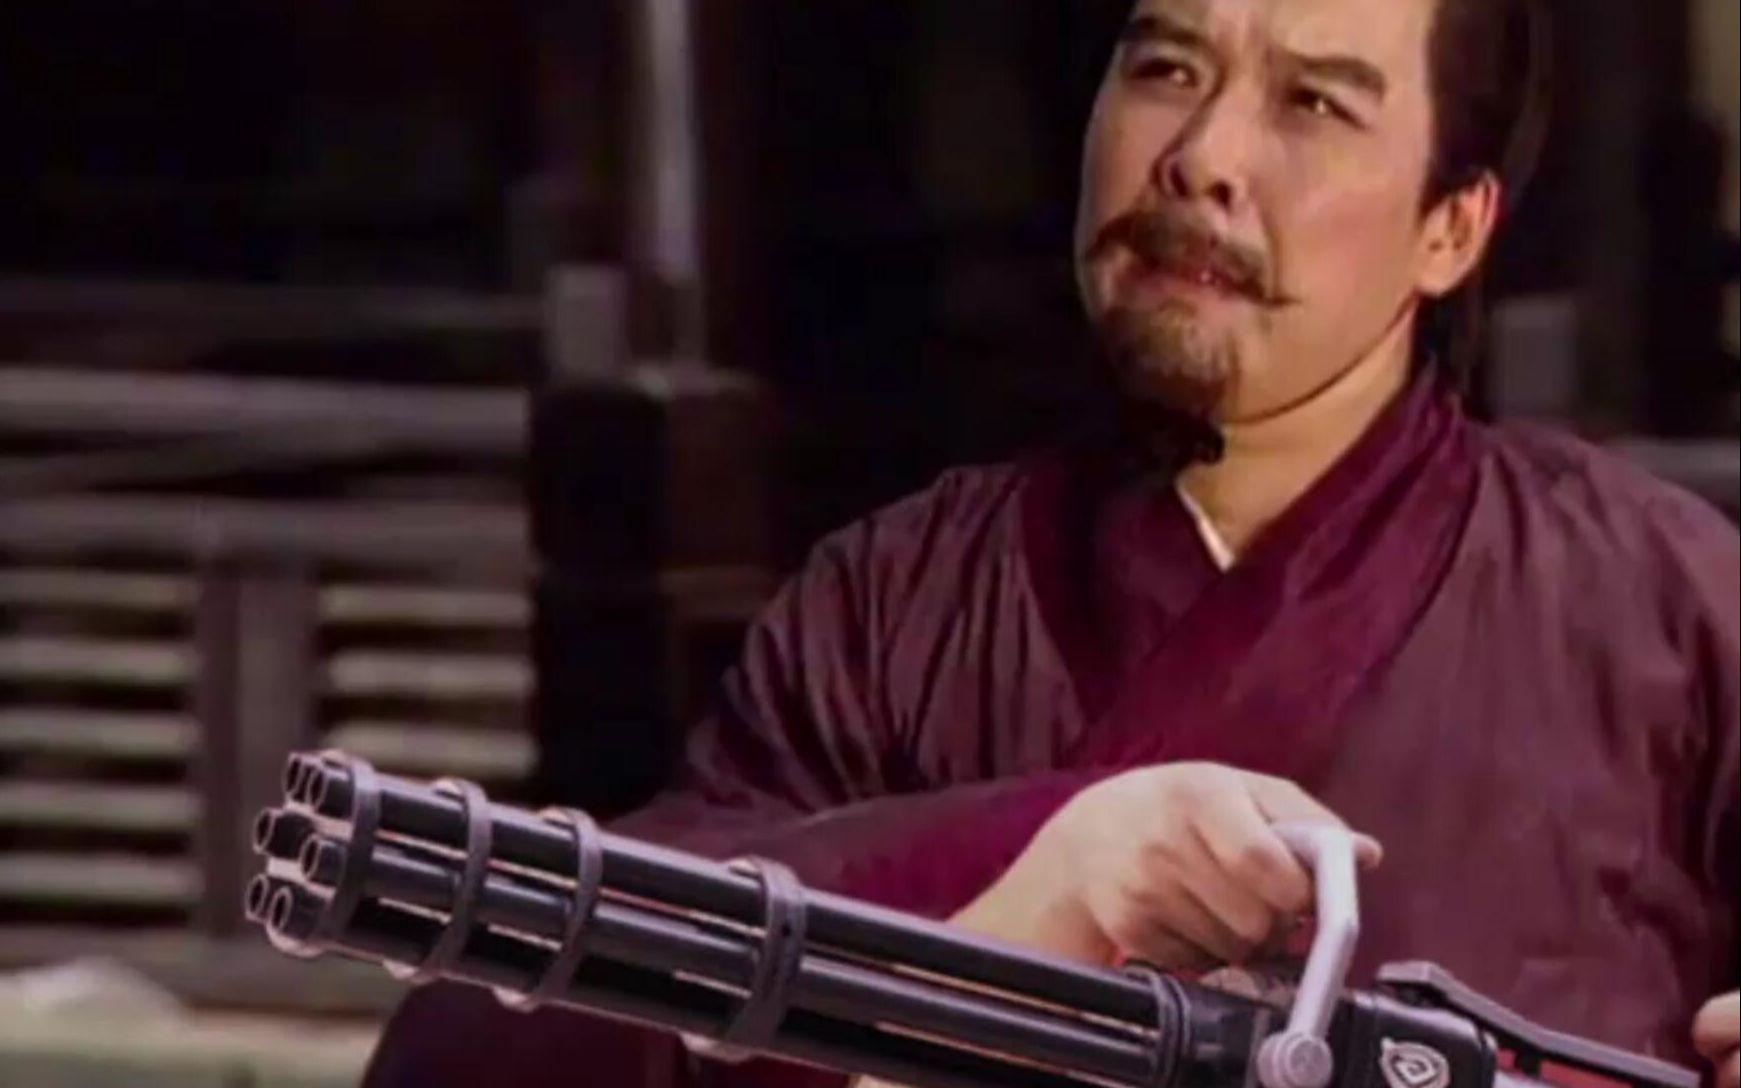 刘备为何拿起加特林